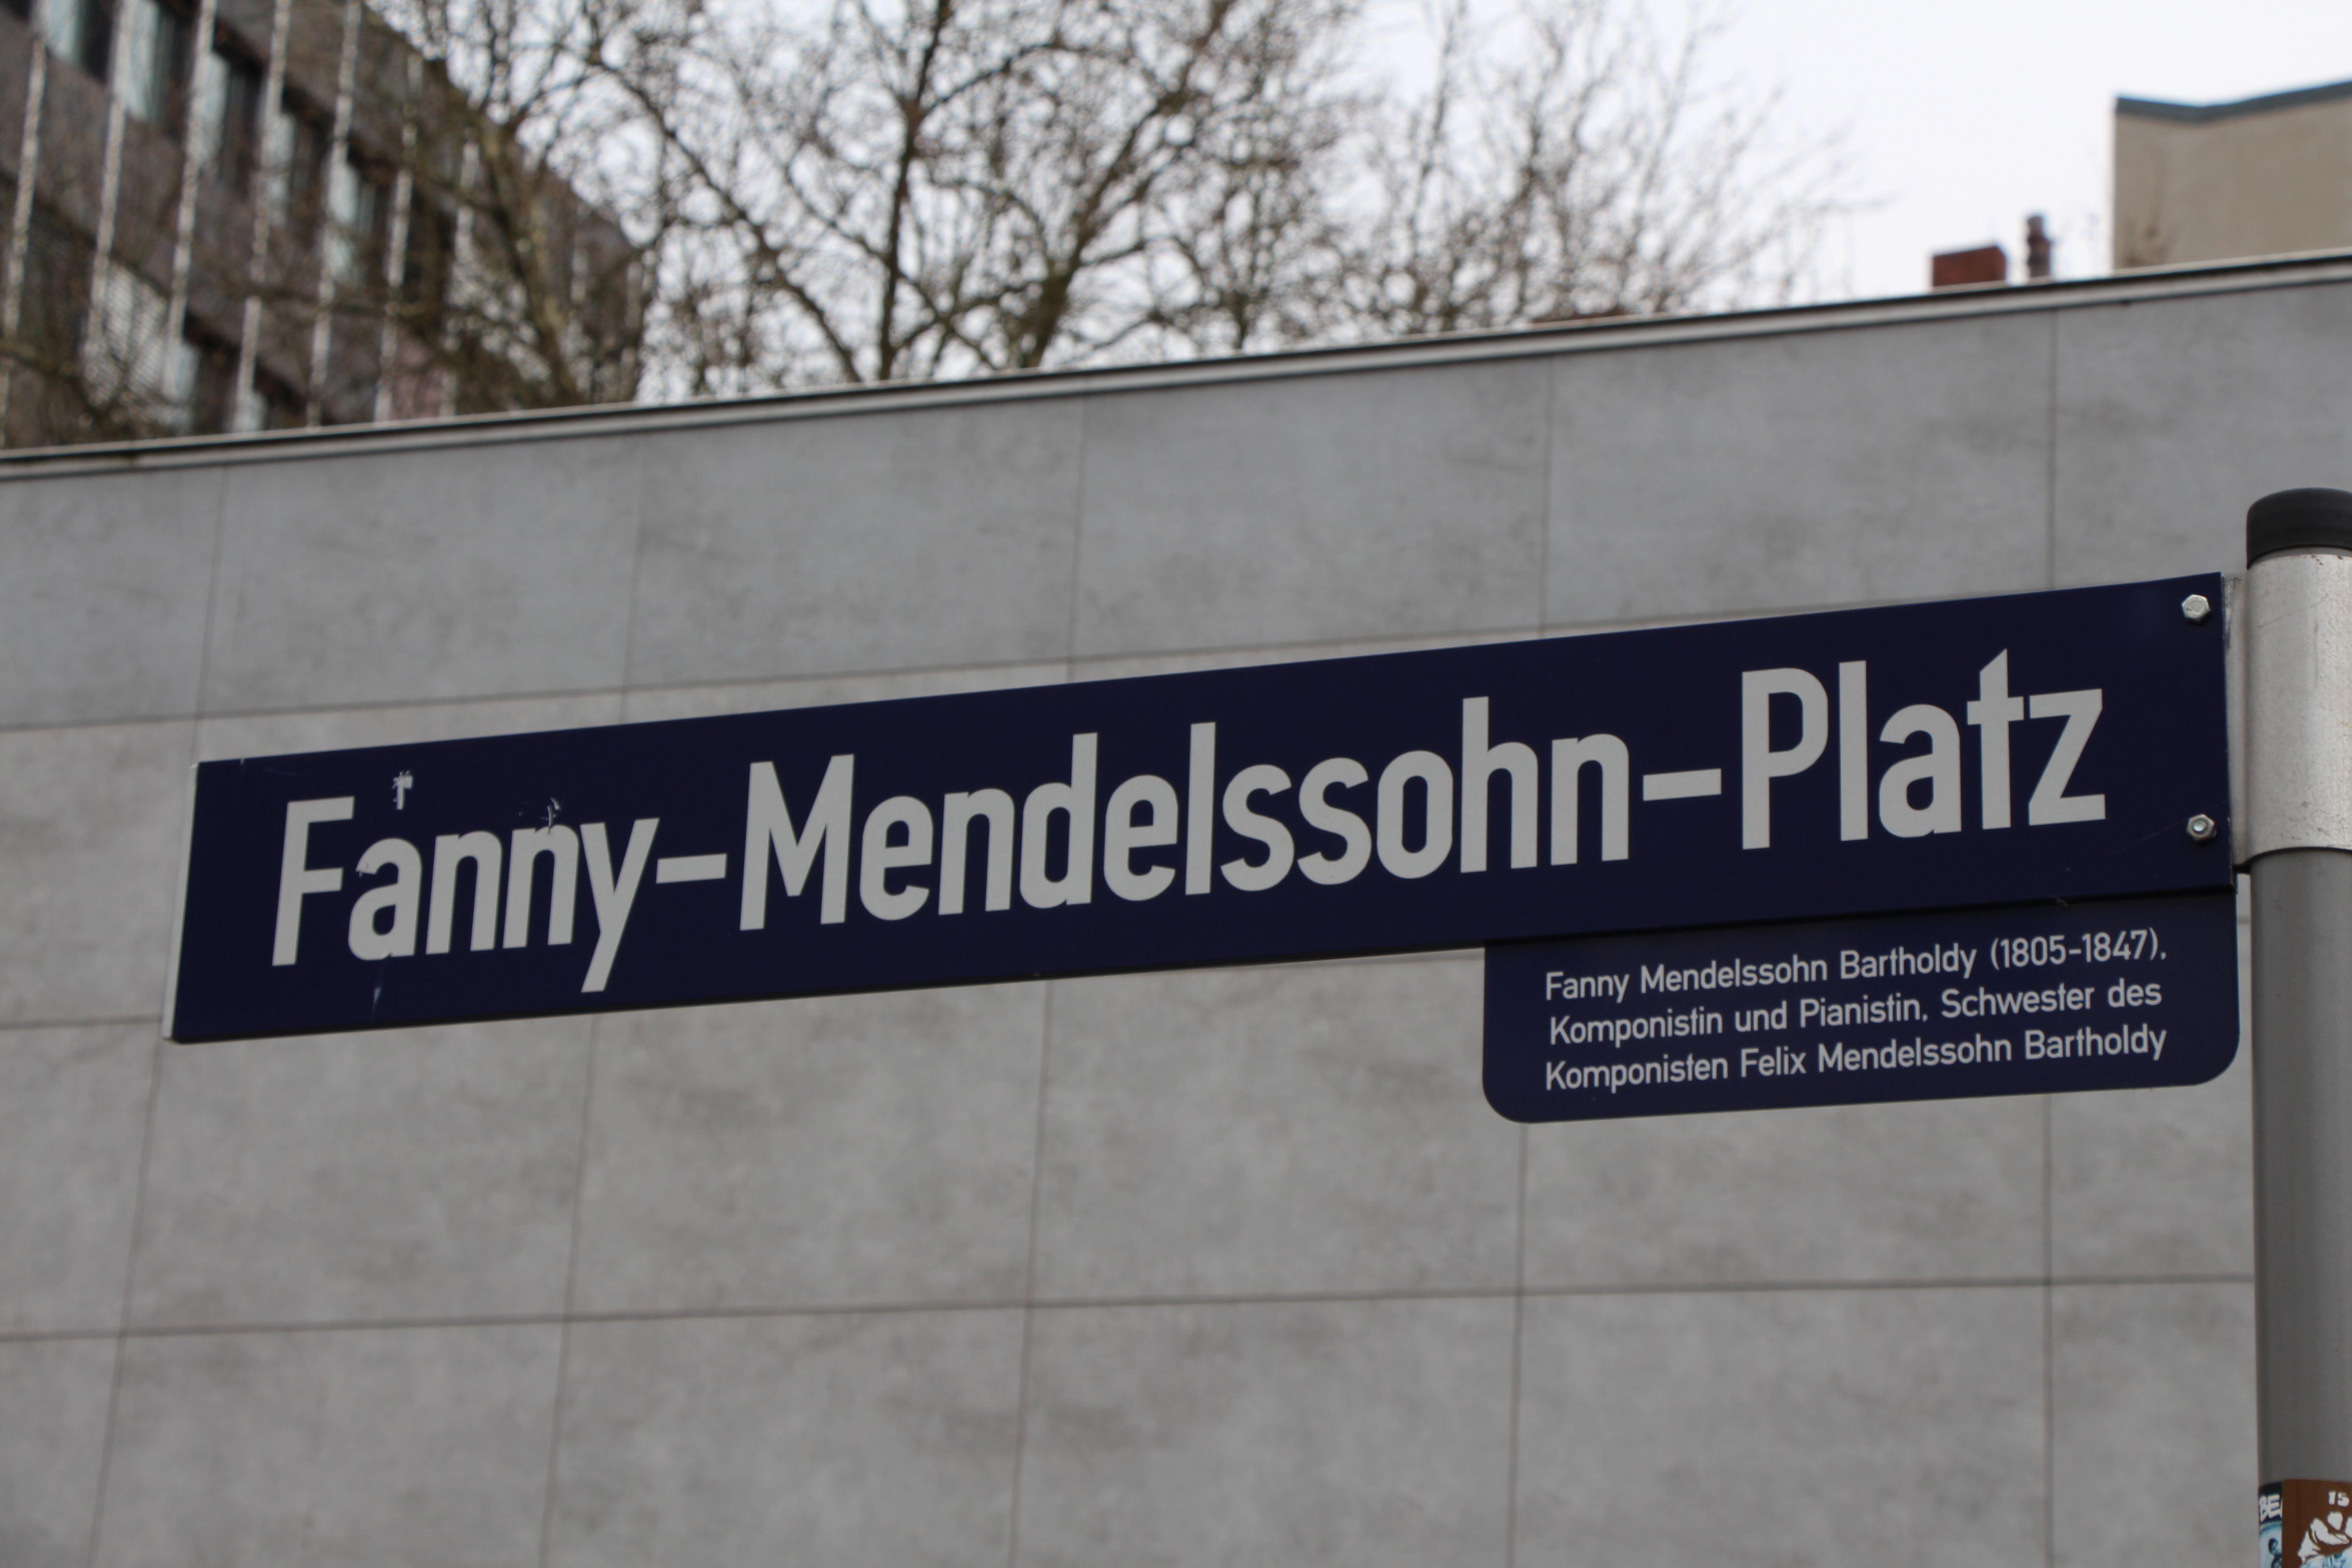 Straßennamen: Fanny-Mendelssohn-Platz